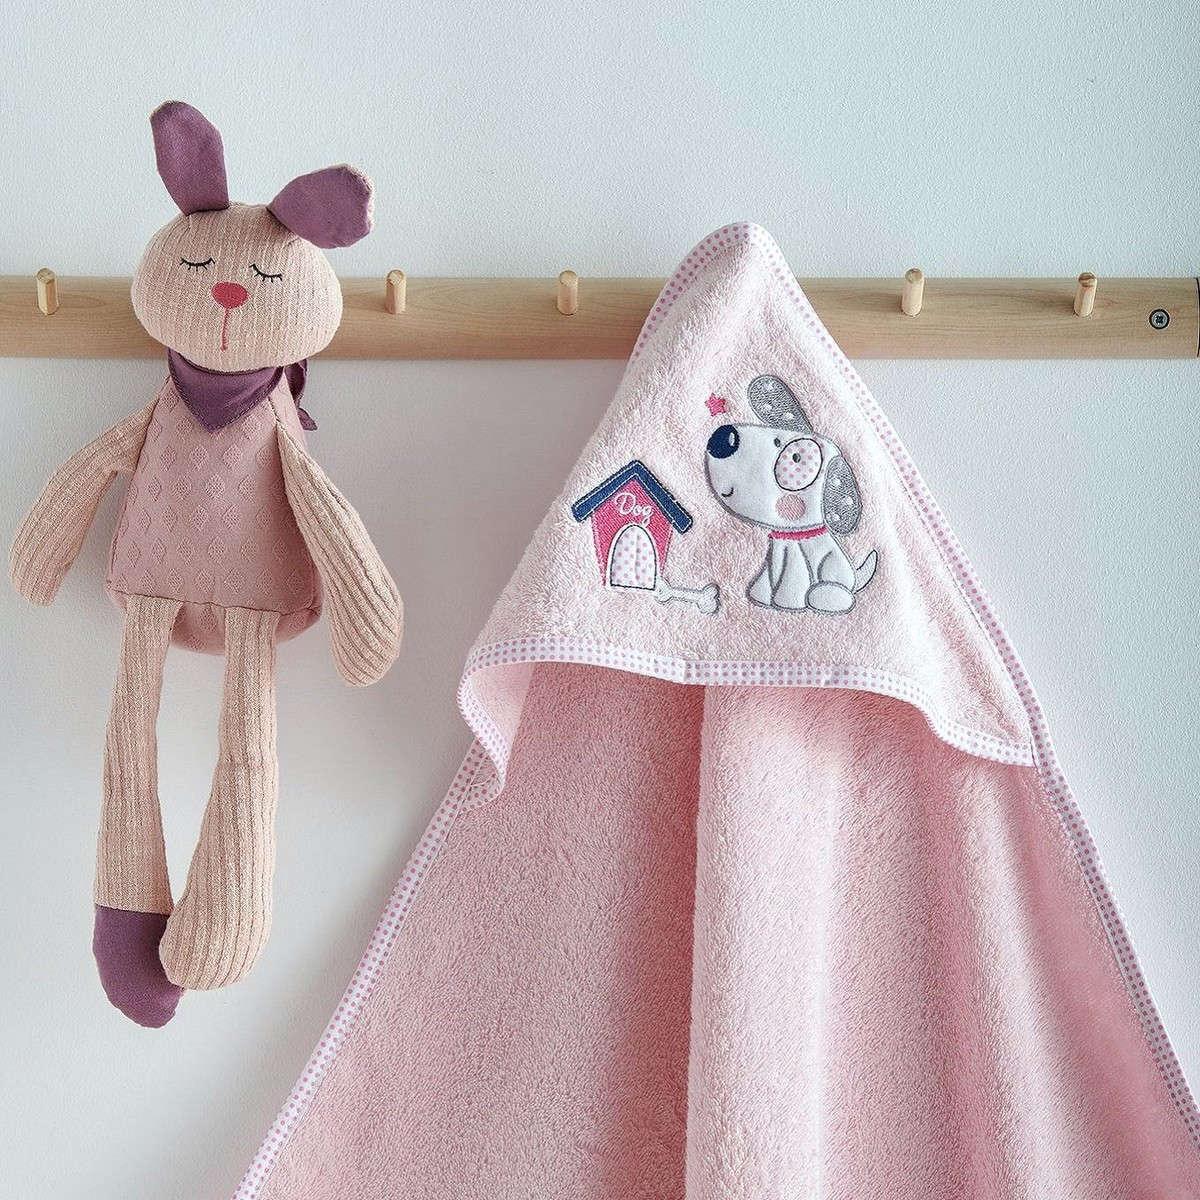 Κάπα Βεφική Με Κέντημα Puppy Pink Sb Home 0-2 ετών One Size